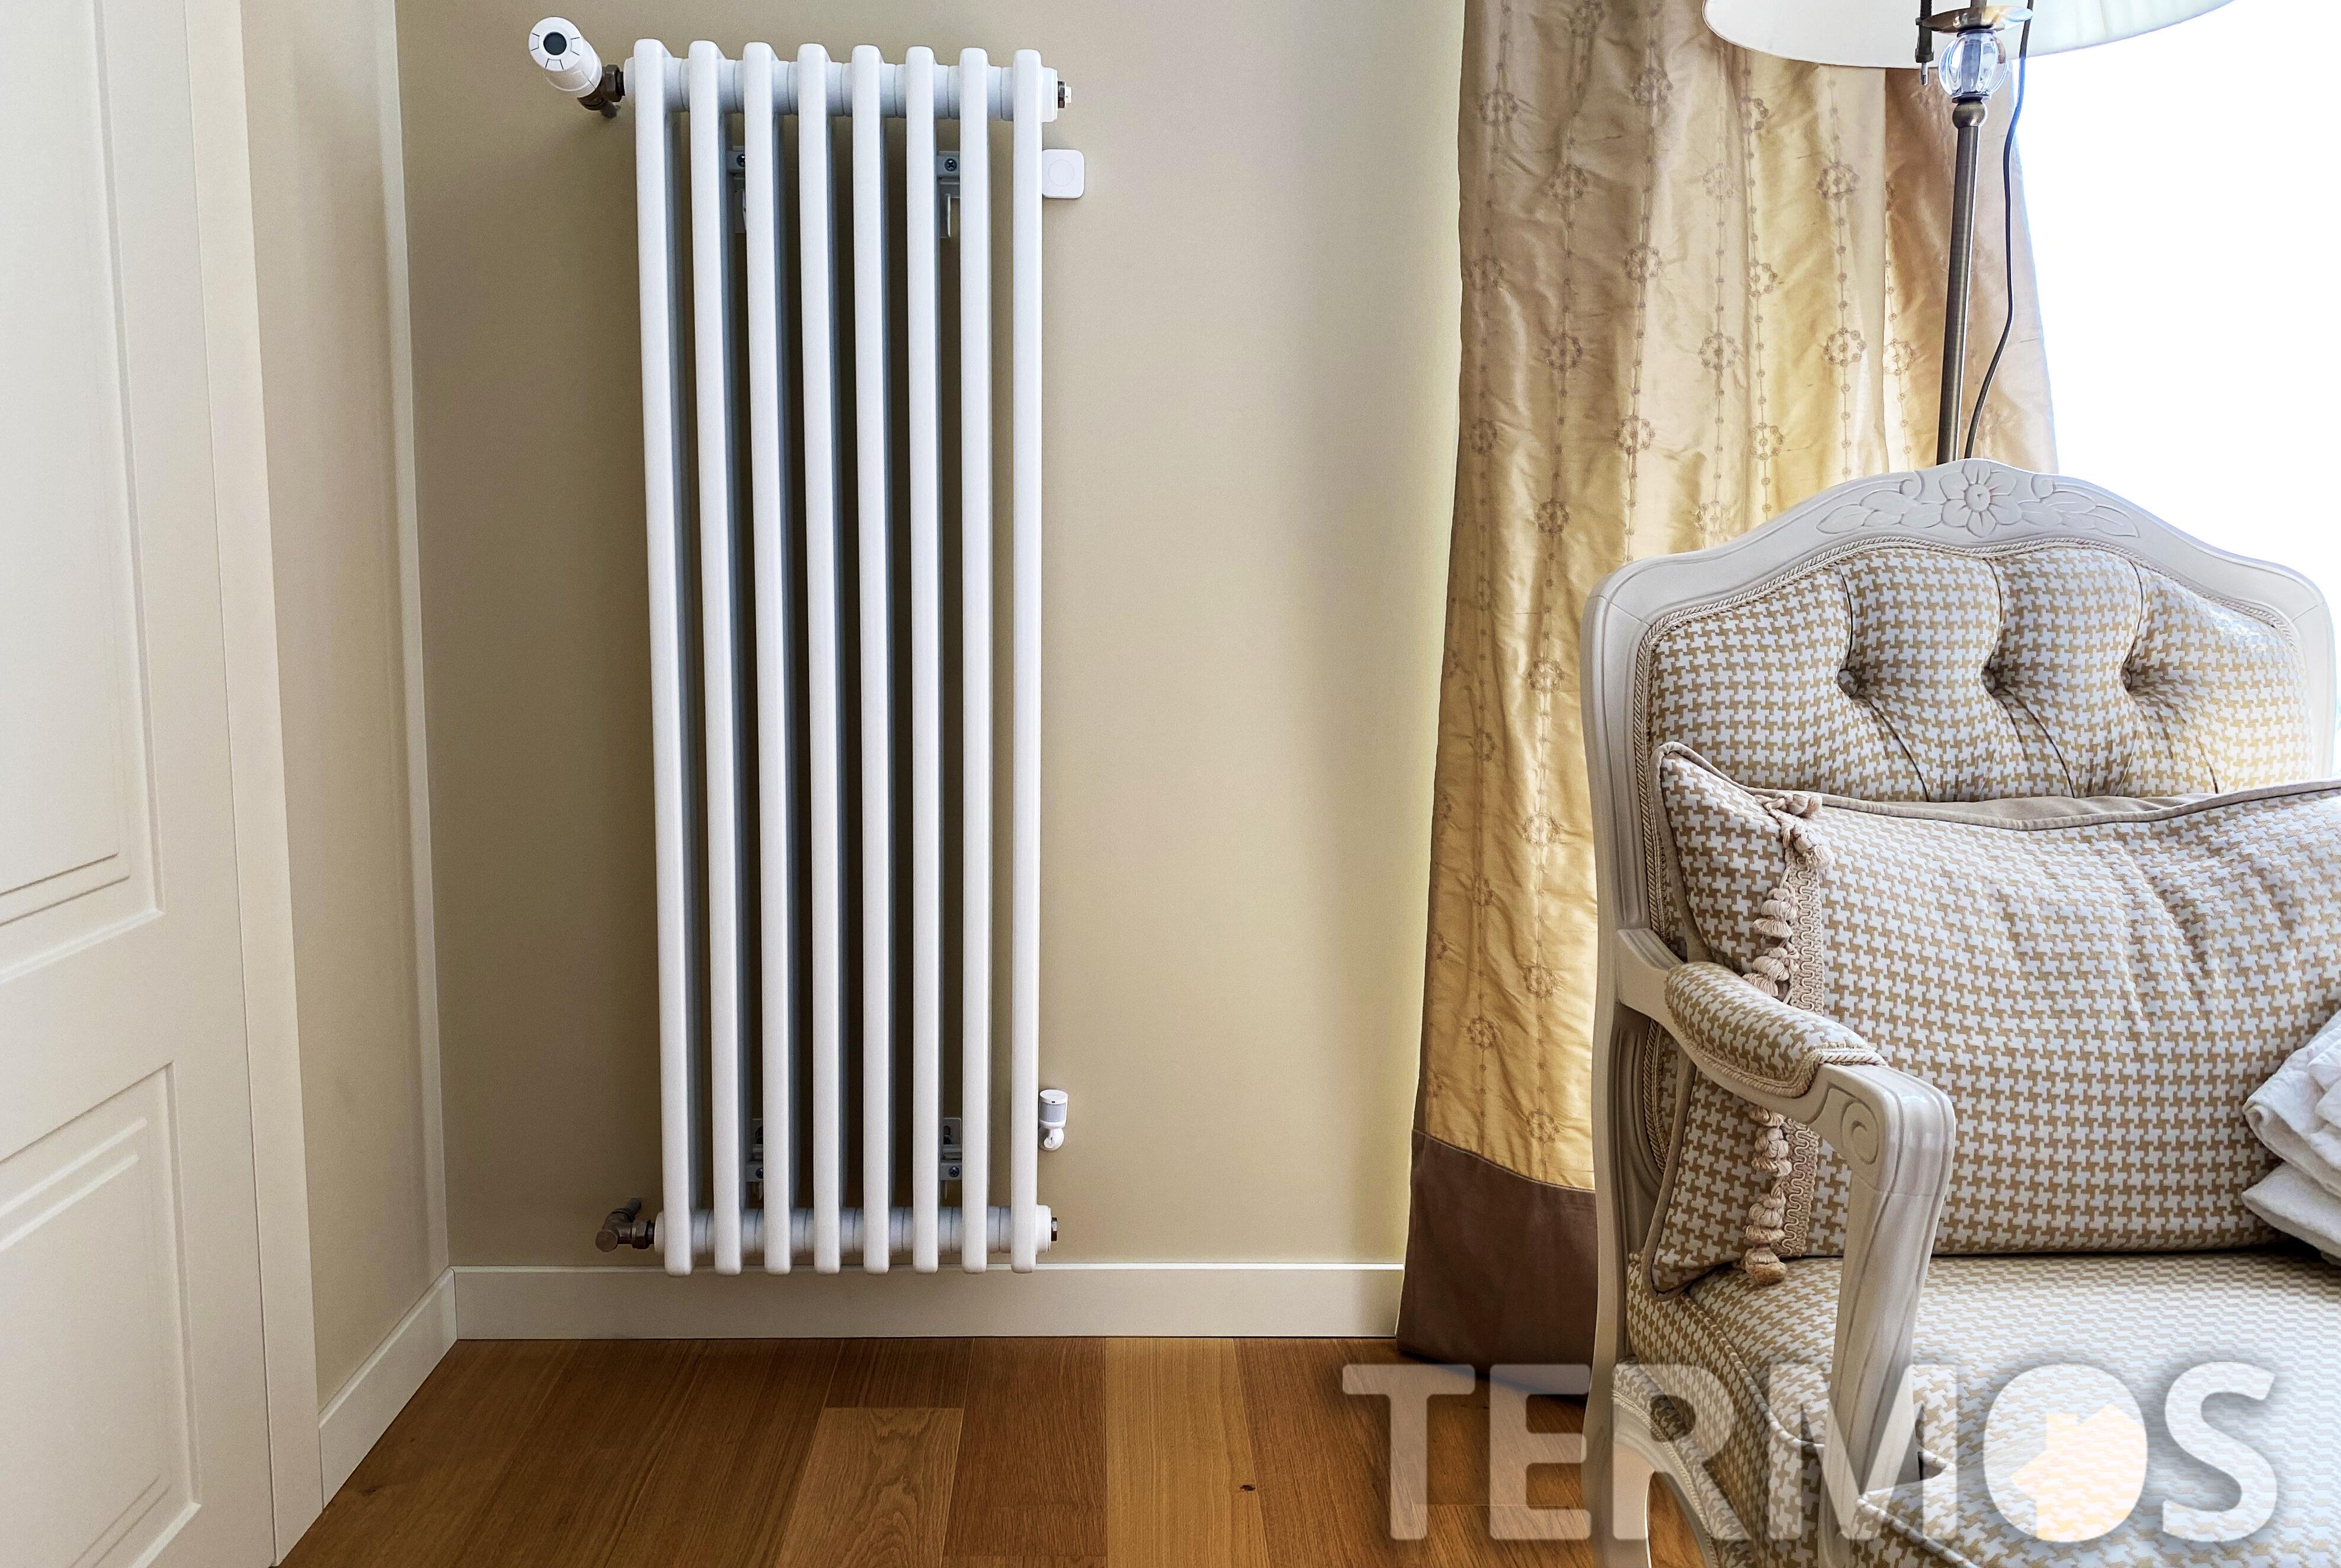 Стальные трубчатые радиаторы имеют привлекотельный внешний вид, относятся к дизайнерским типам радиаторов